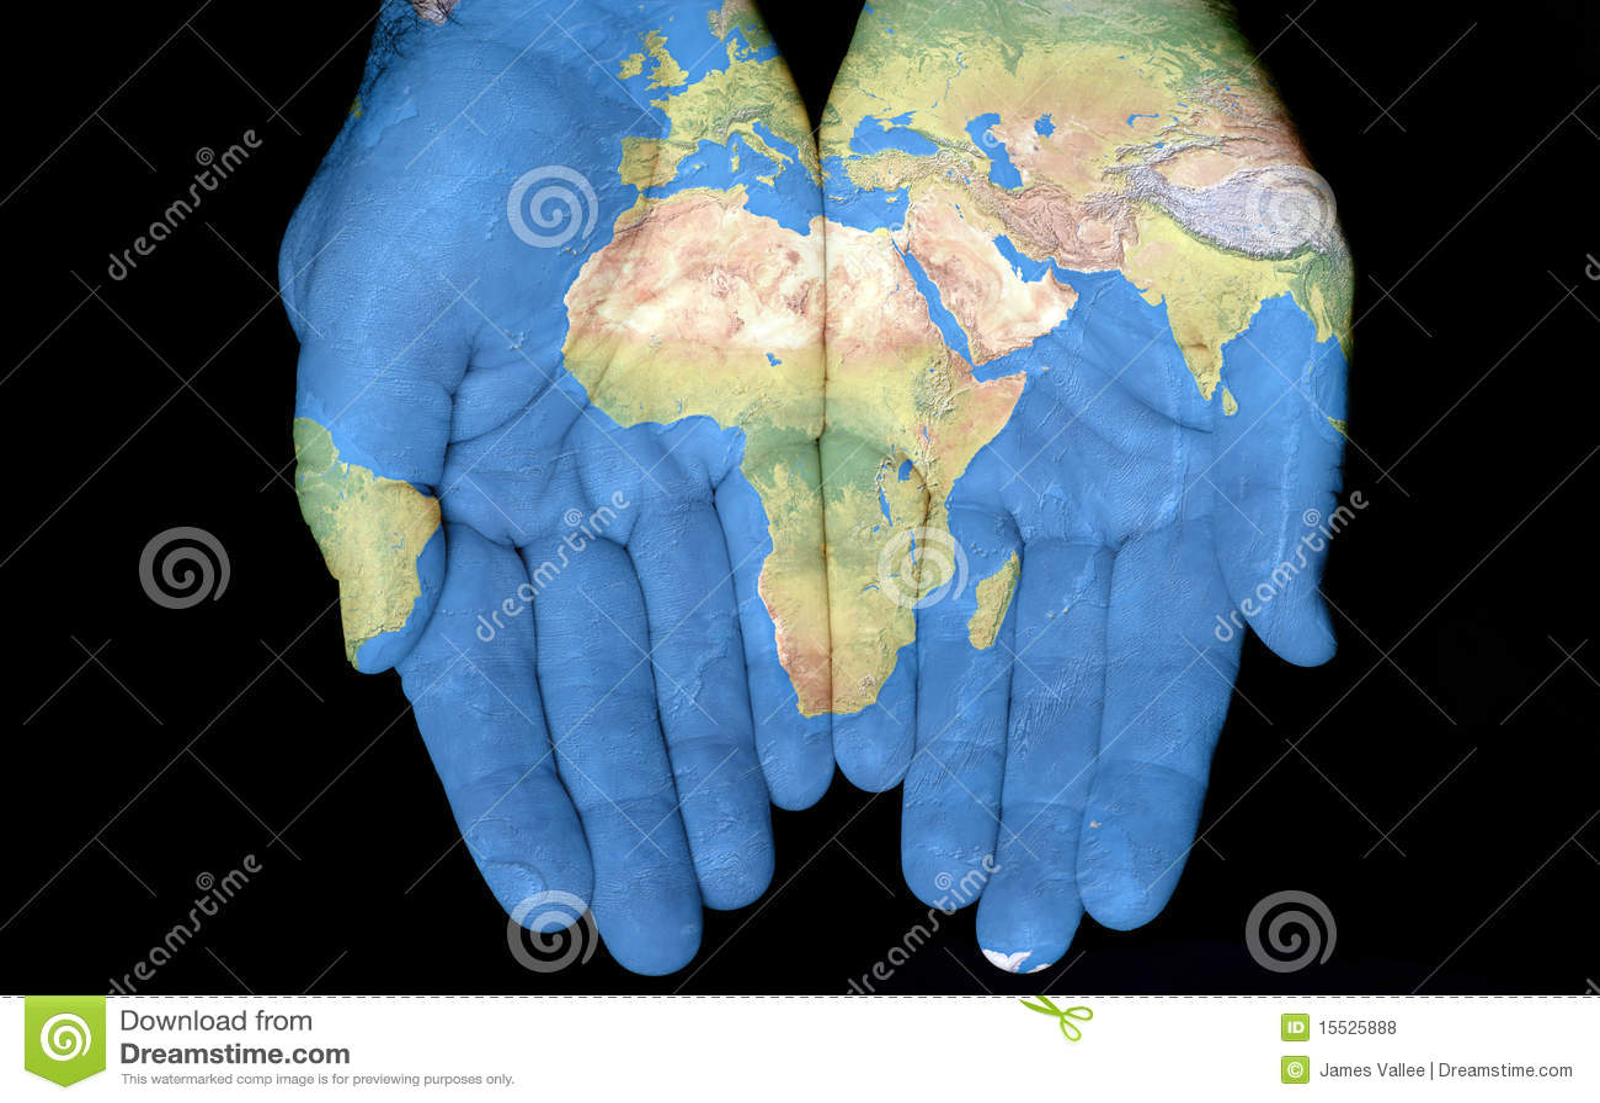 Africa wręcza nasz